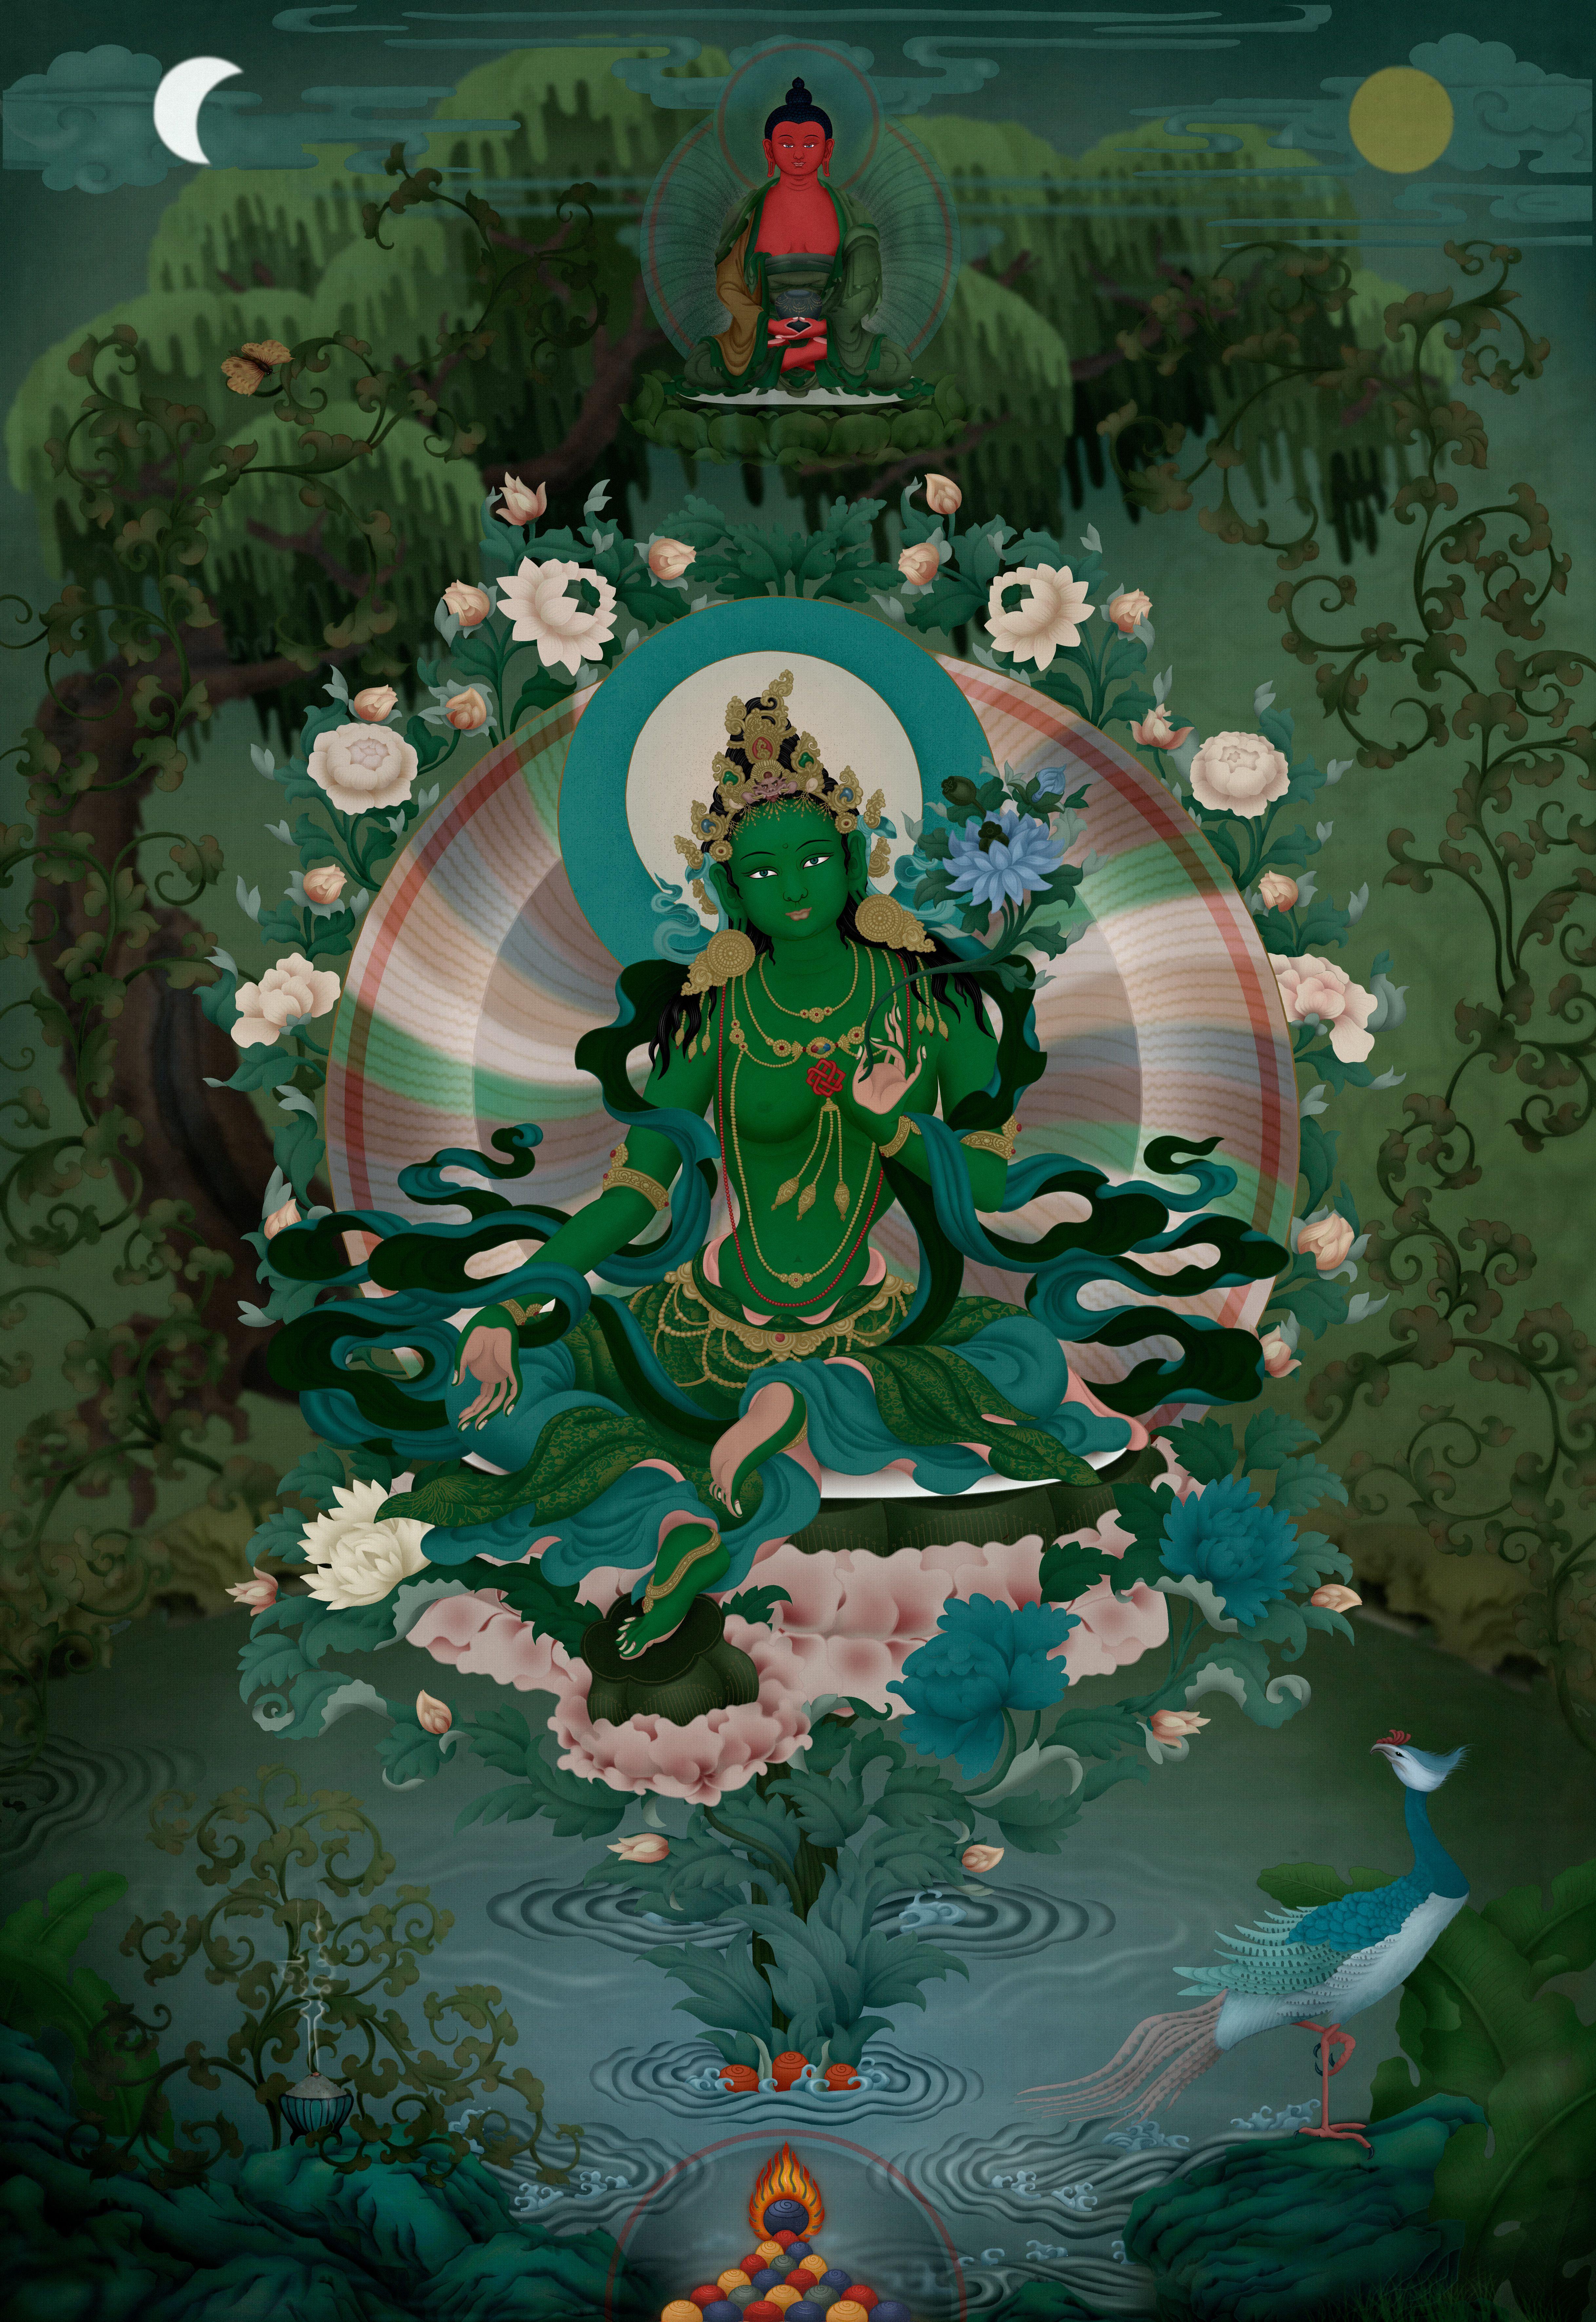 Pin by Kandra Niagra on Green and White Tara   Green tara ...